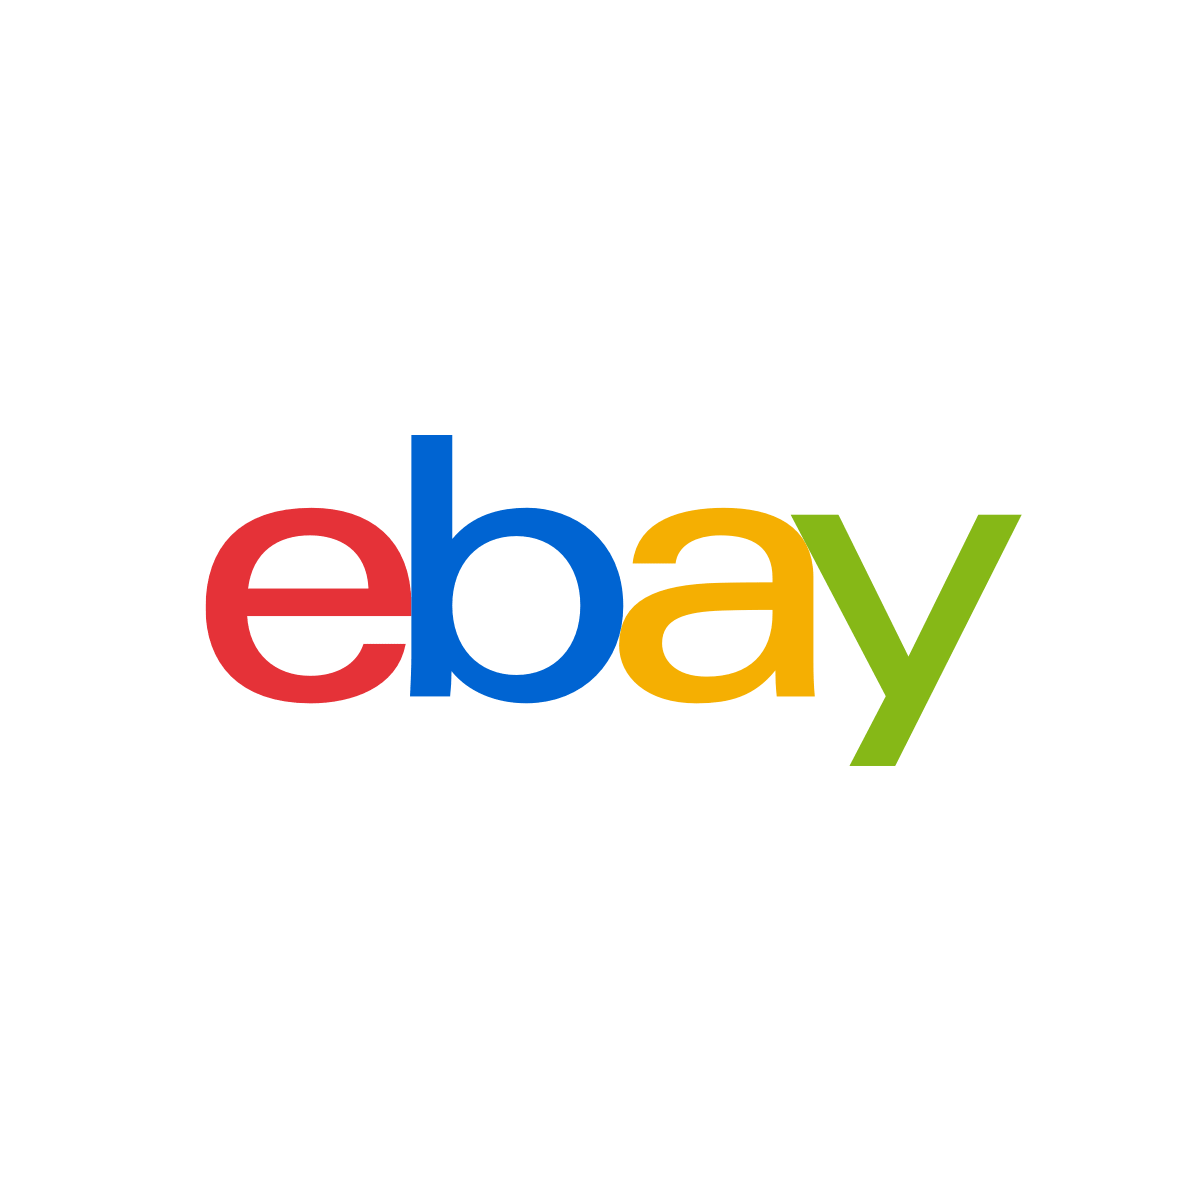 Замовити рідкісне видання/товар з eBay